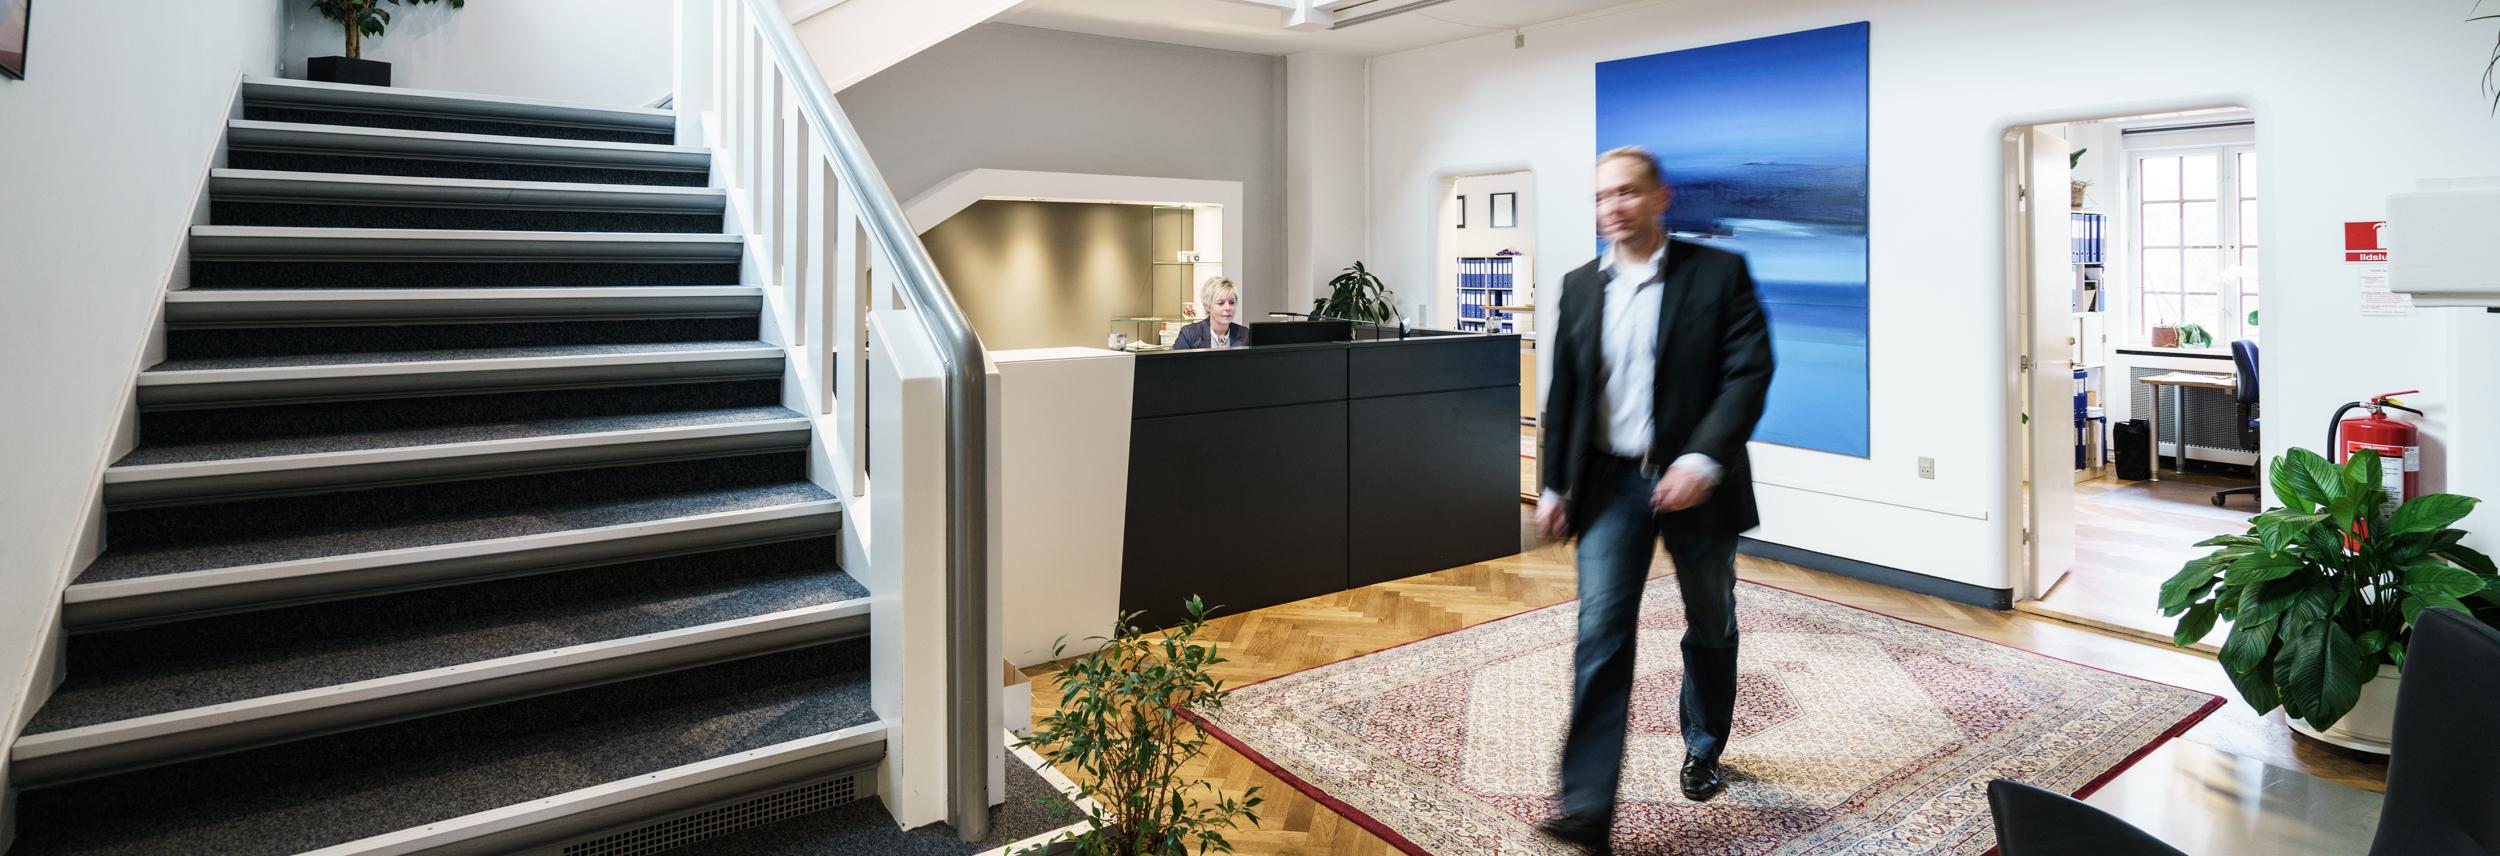 Revision Vadestedet Hall & Leif - Fotograf Steen Knarberg